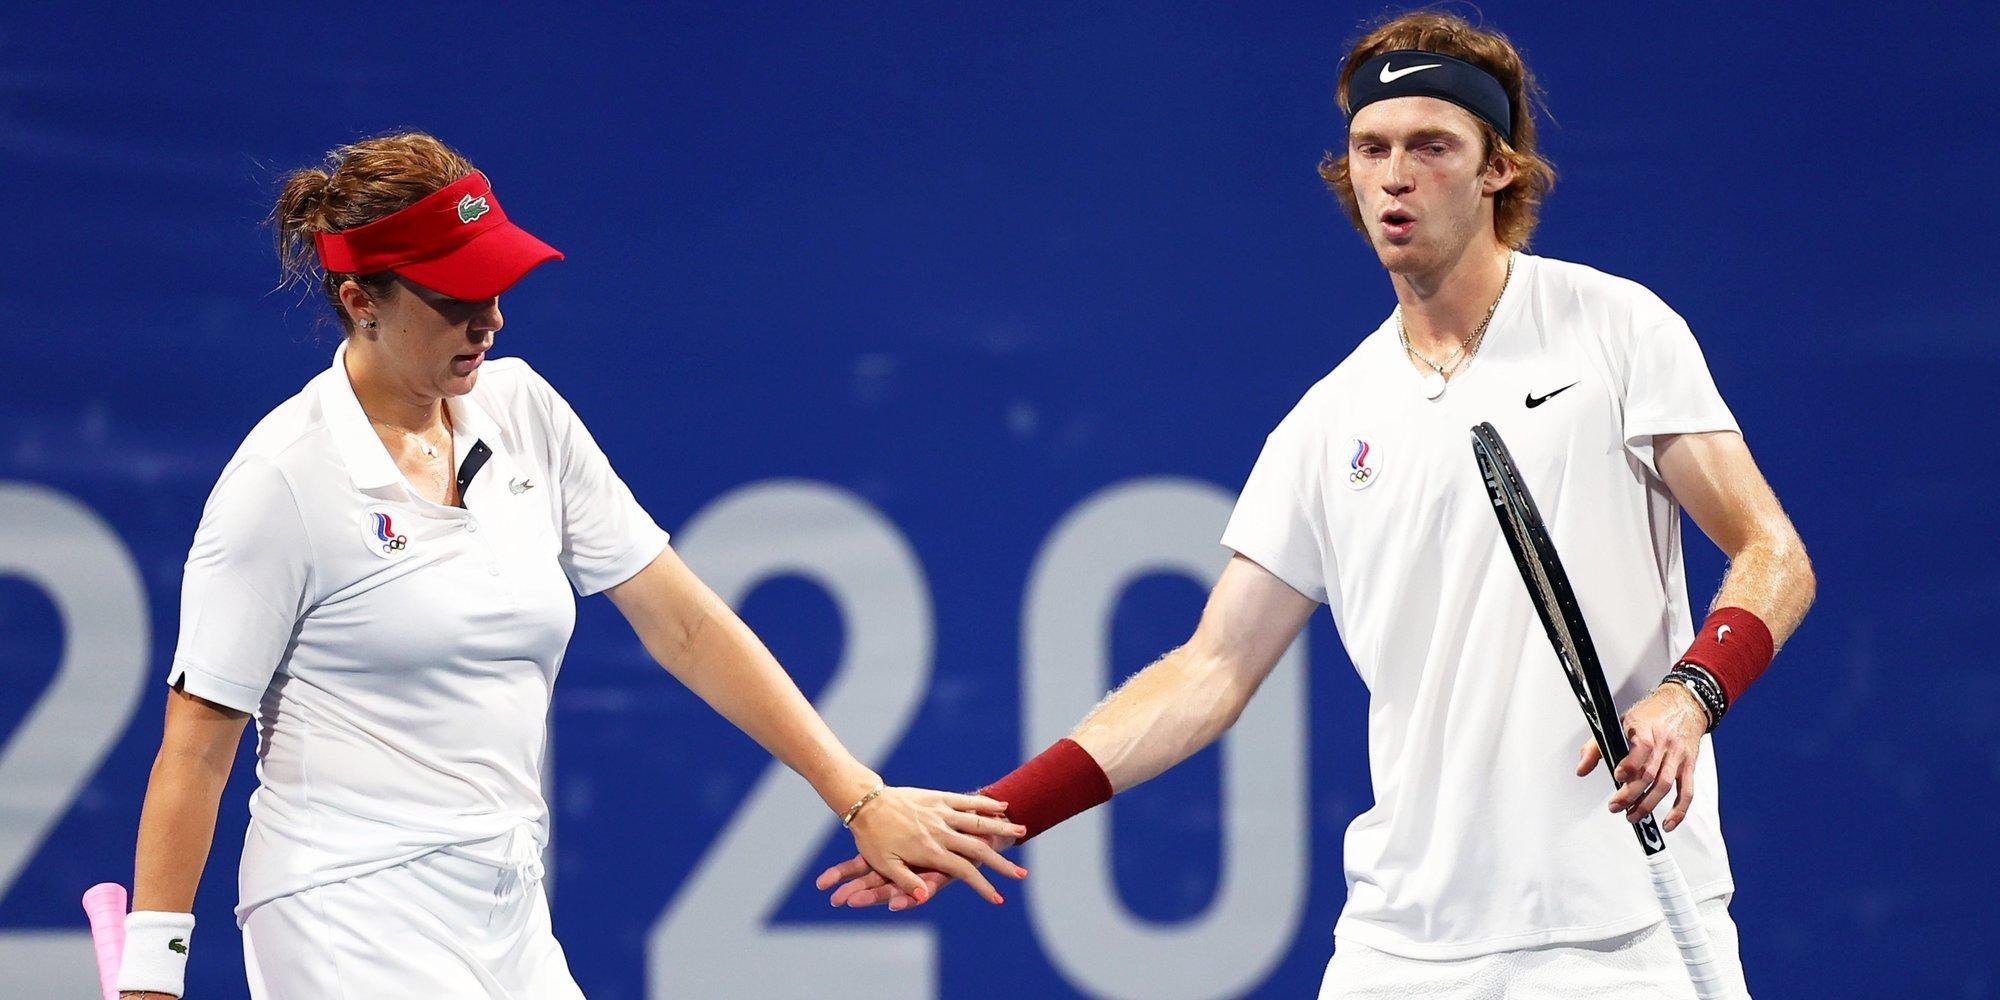 Павлюченкова и Рублев вышли в полуфинал Олимпийских игр